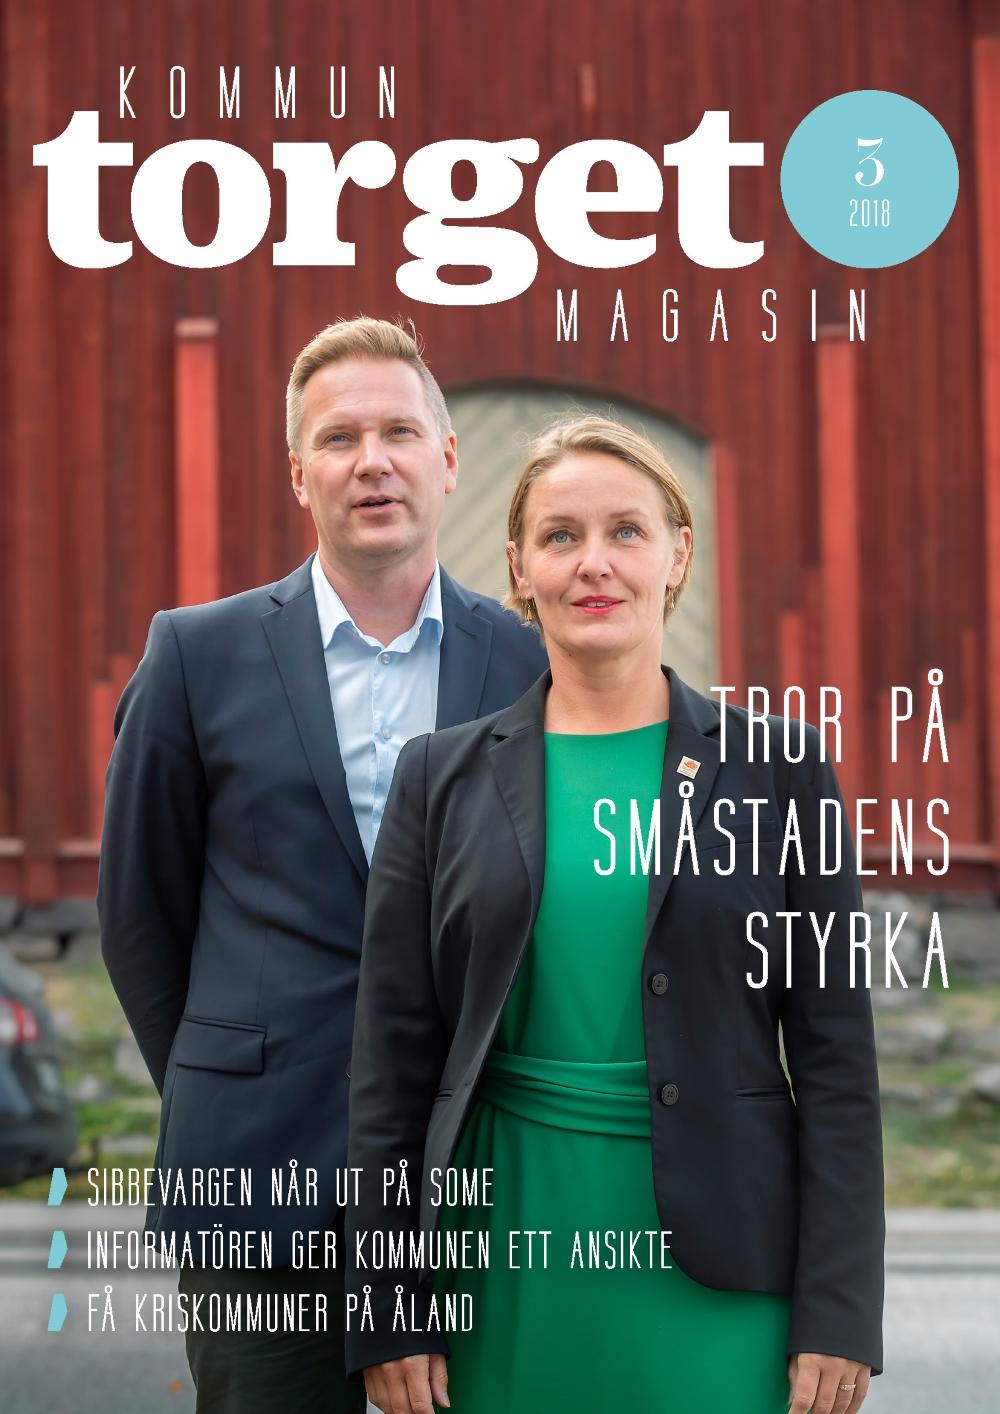 Kommuntorget Magasin, omslagsbild nummer 3/2018